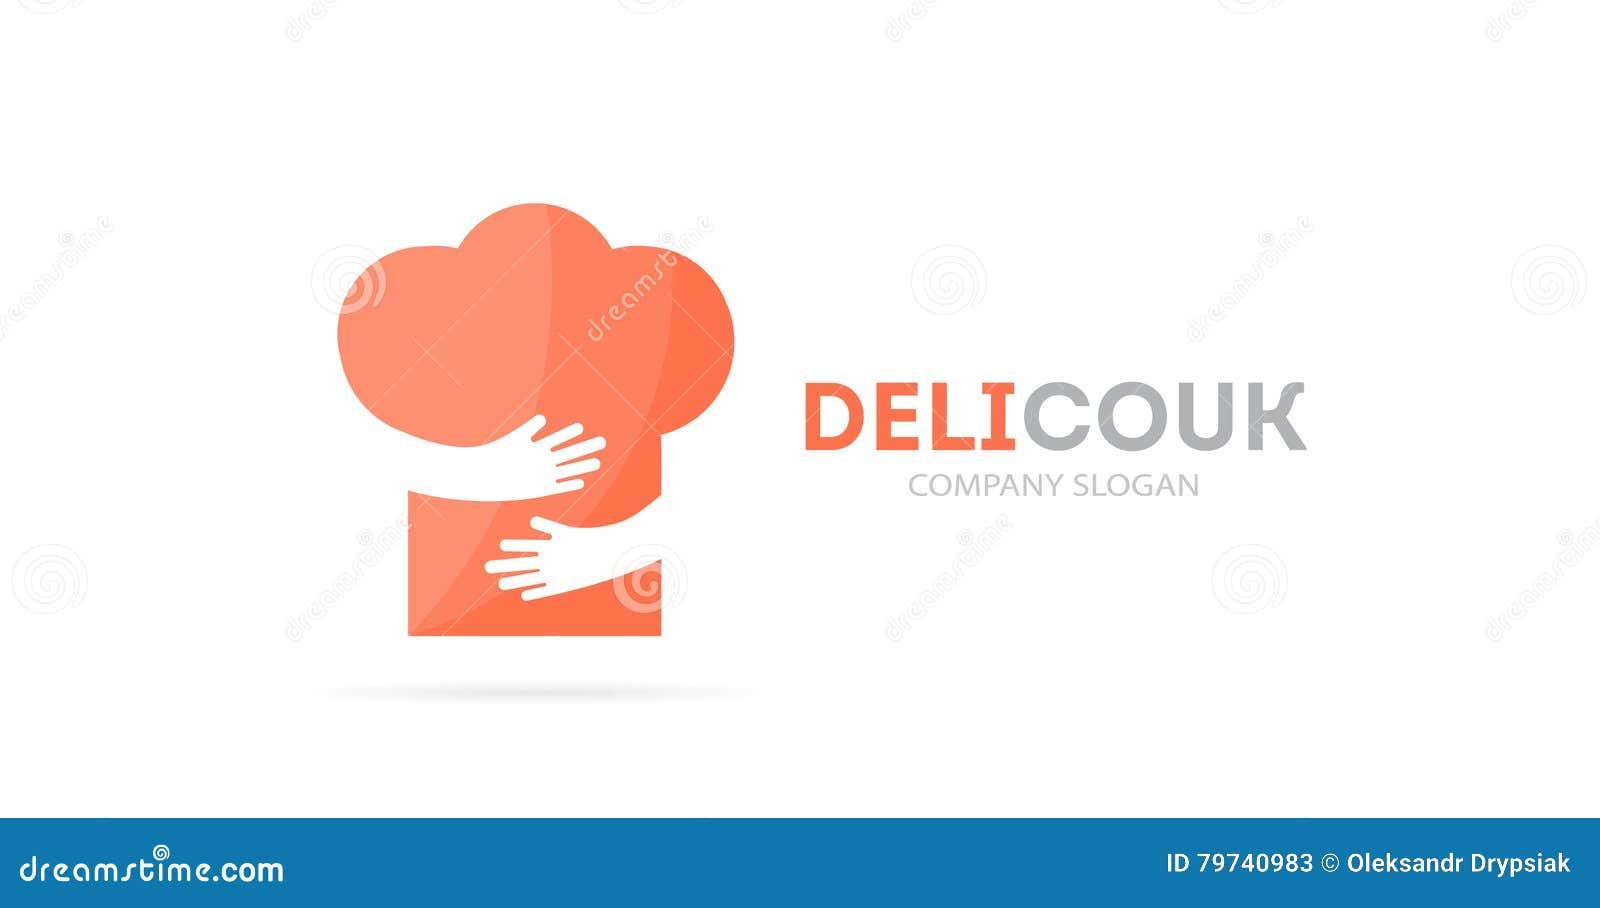 Combinación del logotipo del sombrero y de las manos del cocinero del vector Menú y símbolo o icono del abrazo Logotipo único del